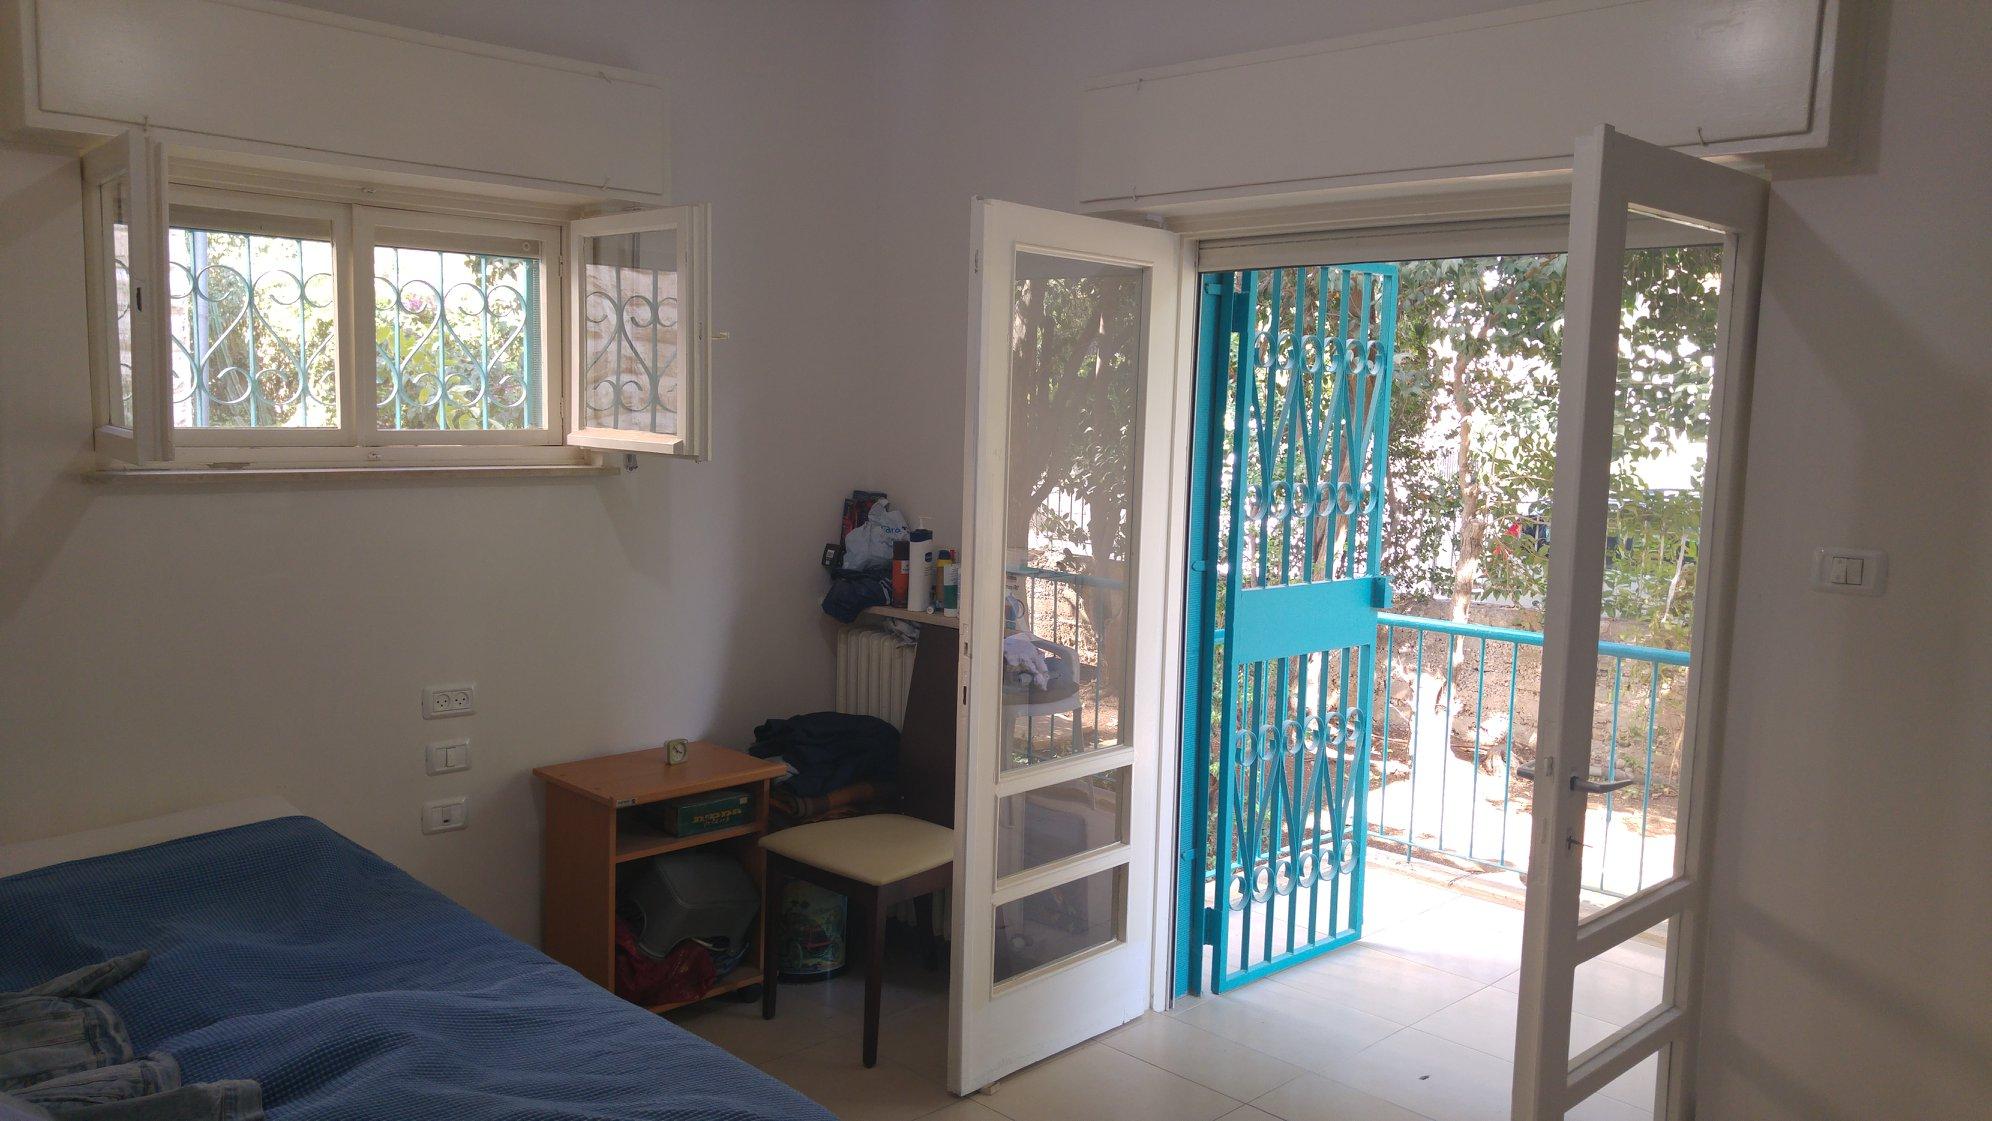 Kharlap - at home in jerusalem (3)